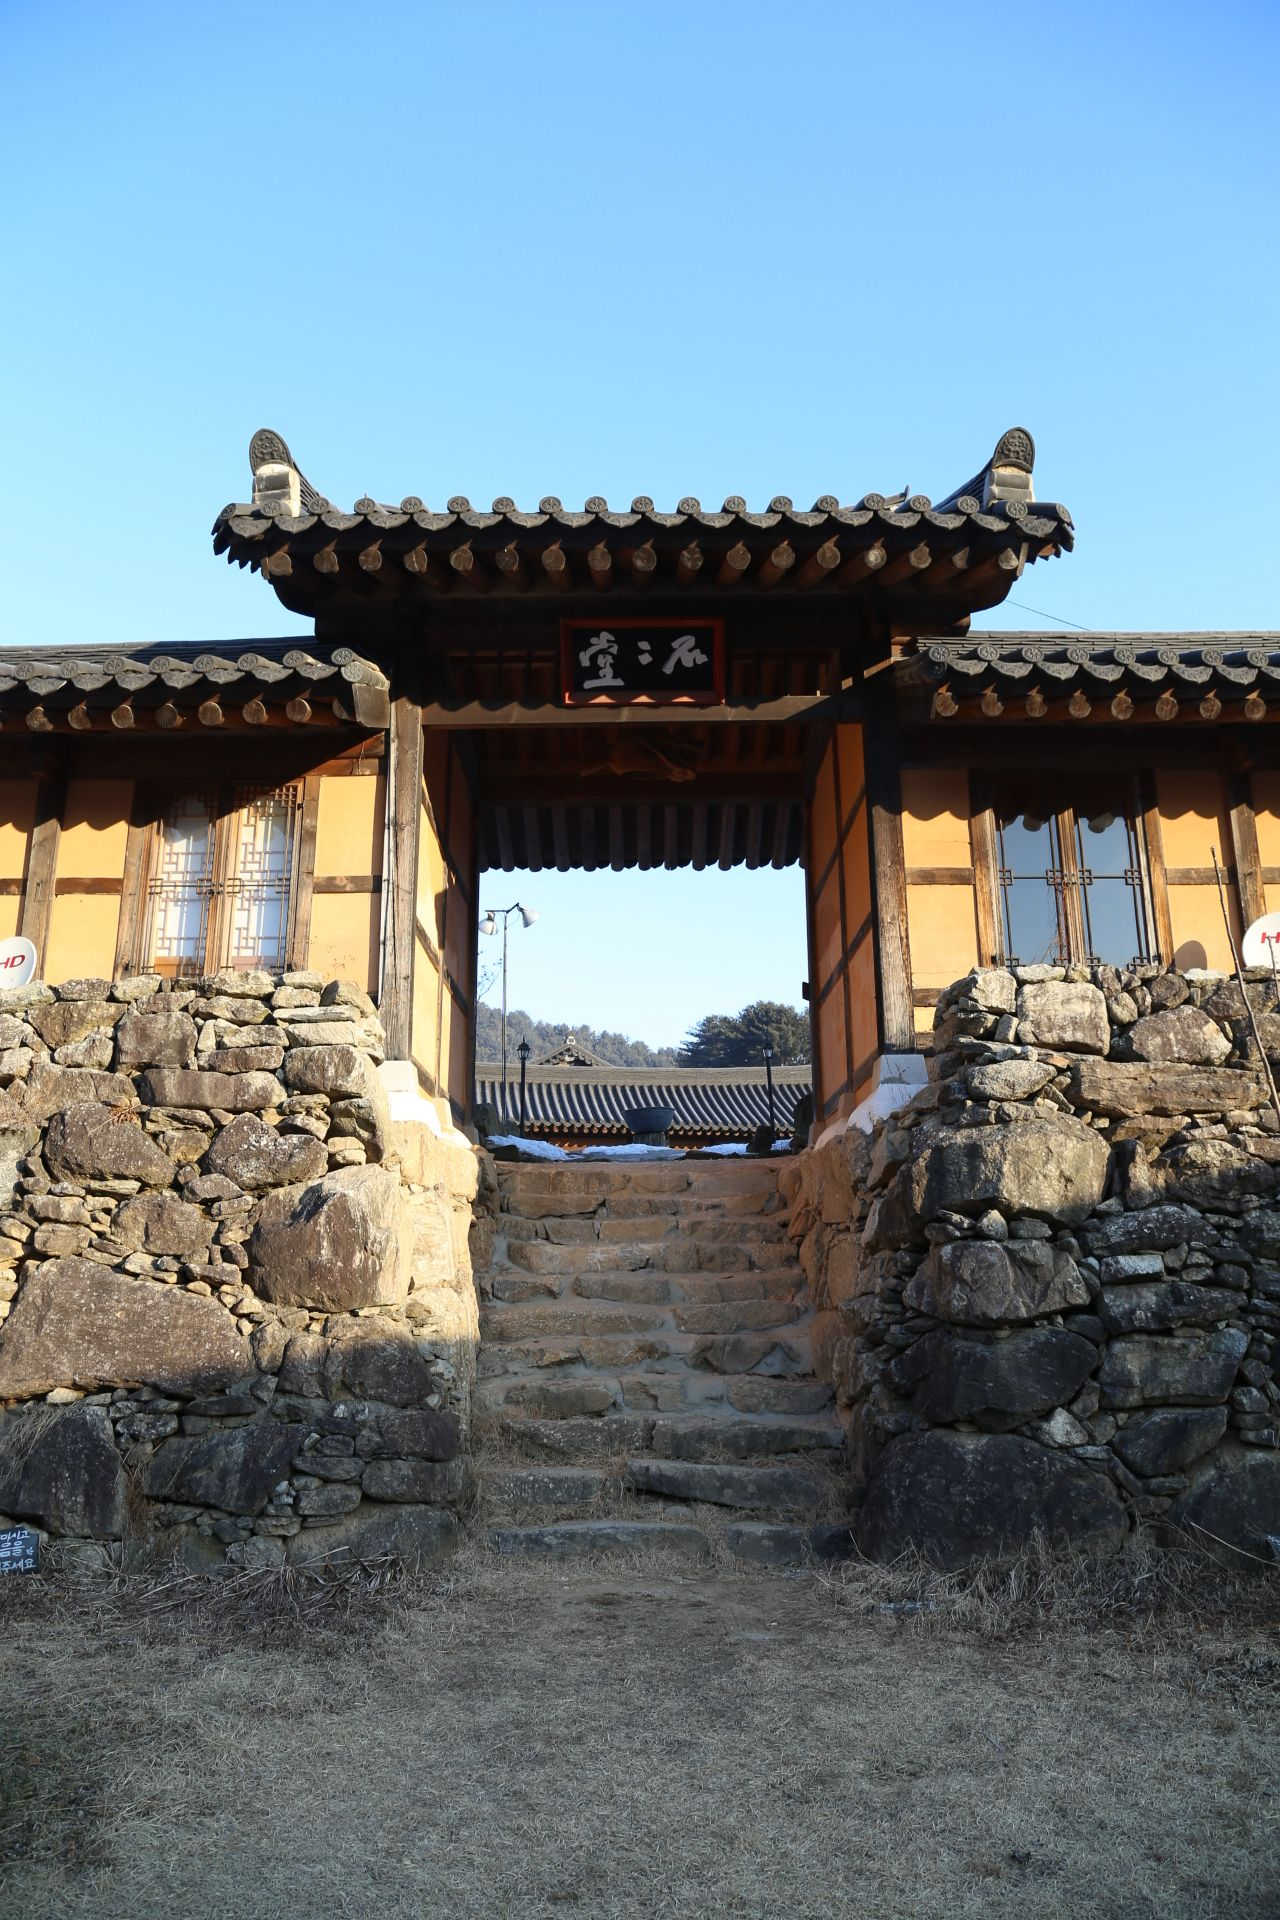 전통한옥의 취옹예술관과 약선요리  Traditional Korean style  Chiong art gallerie & medical food   석이당..... 가평의 축령산에 위치한 전통한옥의 취옹.... 한국전통의 한옥건물과 돌, 흙, 나무가 어우러진 곳....  취옹예술관 http://www.chi-ong.co.kr/ http://blog.daum.net/chi-ong  우리들한의원 홈피 Wooreedul Korean Medicine Clinic English HP http://www.iwooridul.com/english 日本語HP http://www.iwooridul.com/japan 中國語 HP http://www.iwooridul.com/chinese 무료앱 free app http://www.iwooridul.com/app-update